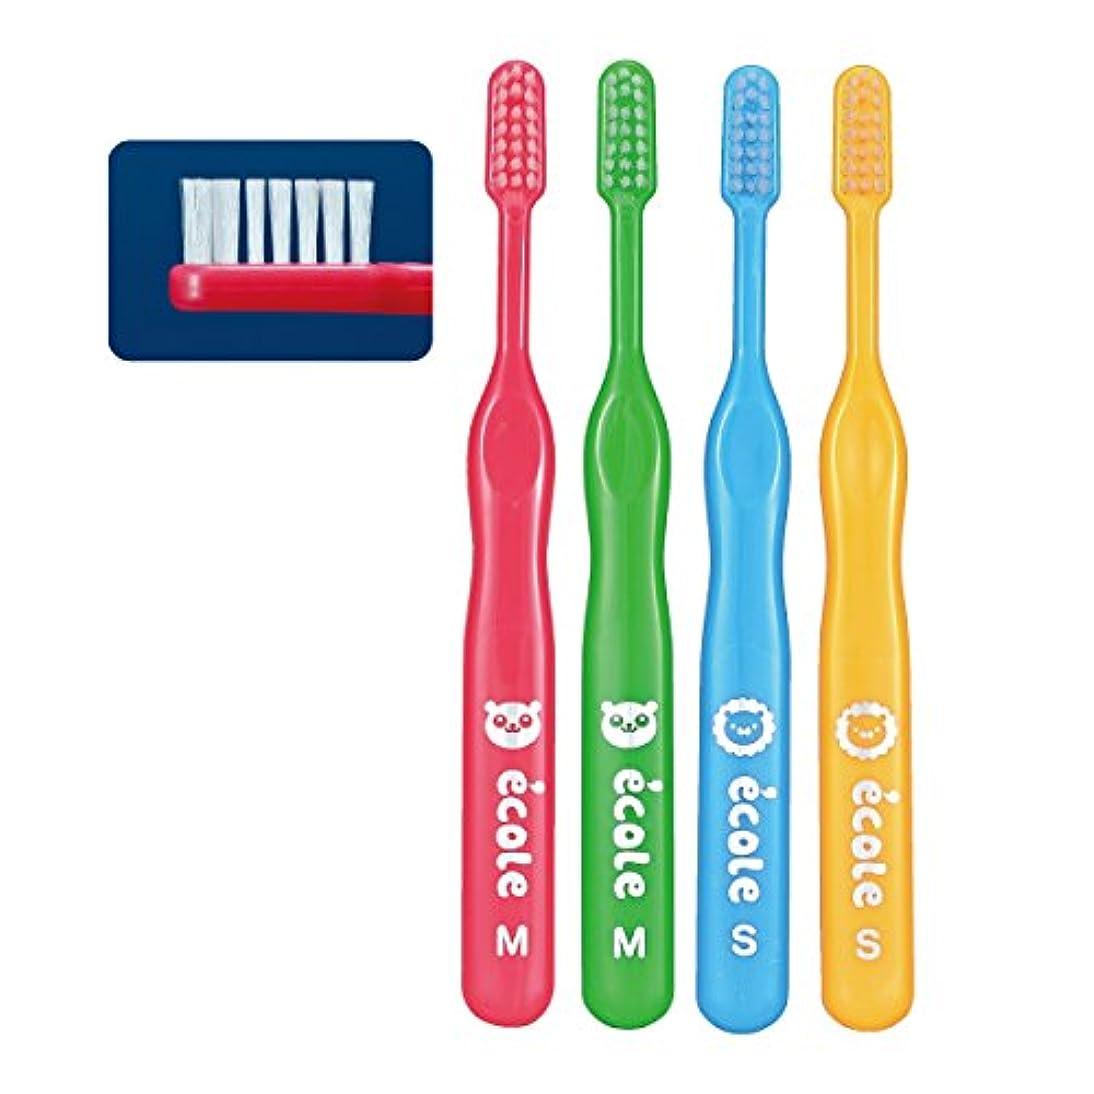 め言葉シンポジウム減少リセラ エコル 幼児~小学生用歯ブラシ  Mふつう 4本入り